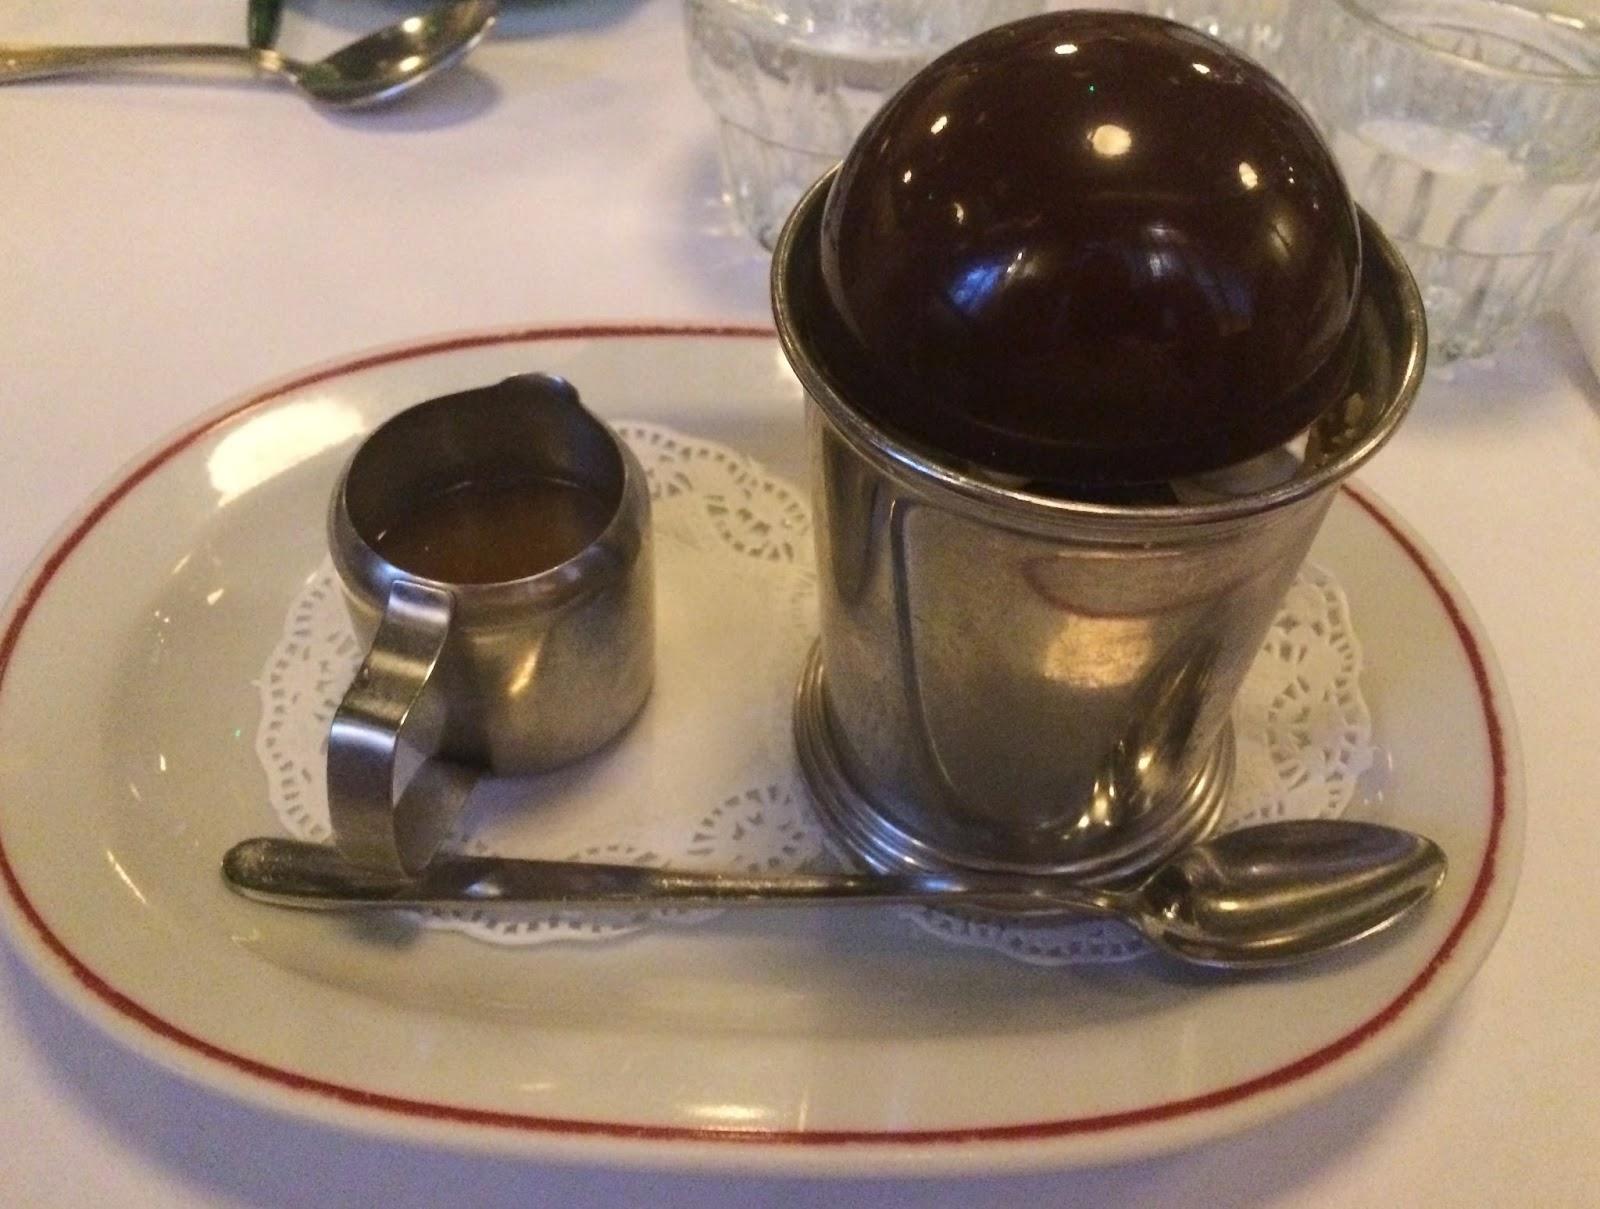 jackson + rye chocolate bomb